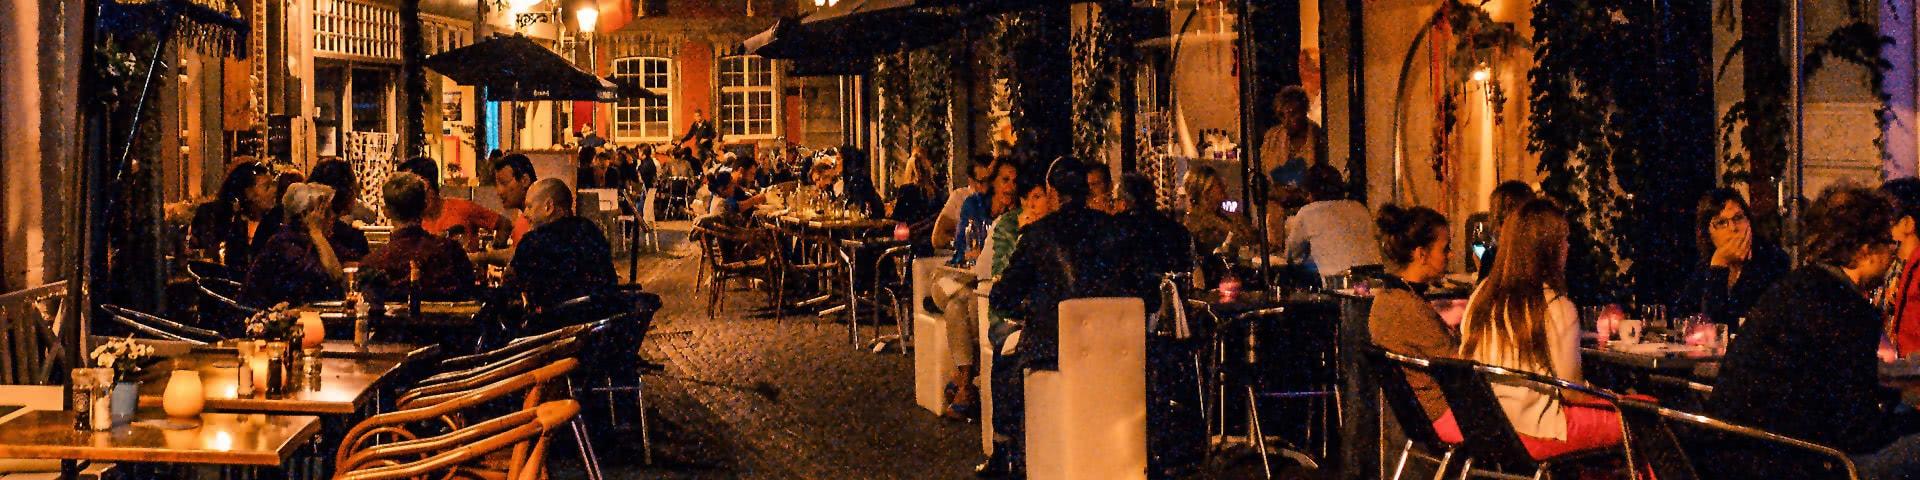 Kneipen in der Altstadt bei Dunkelheit